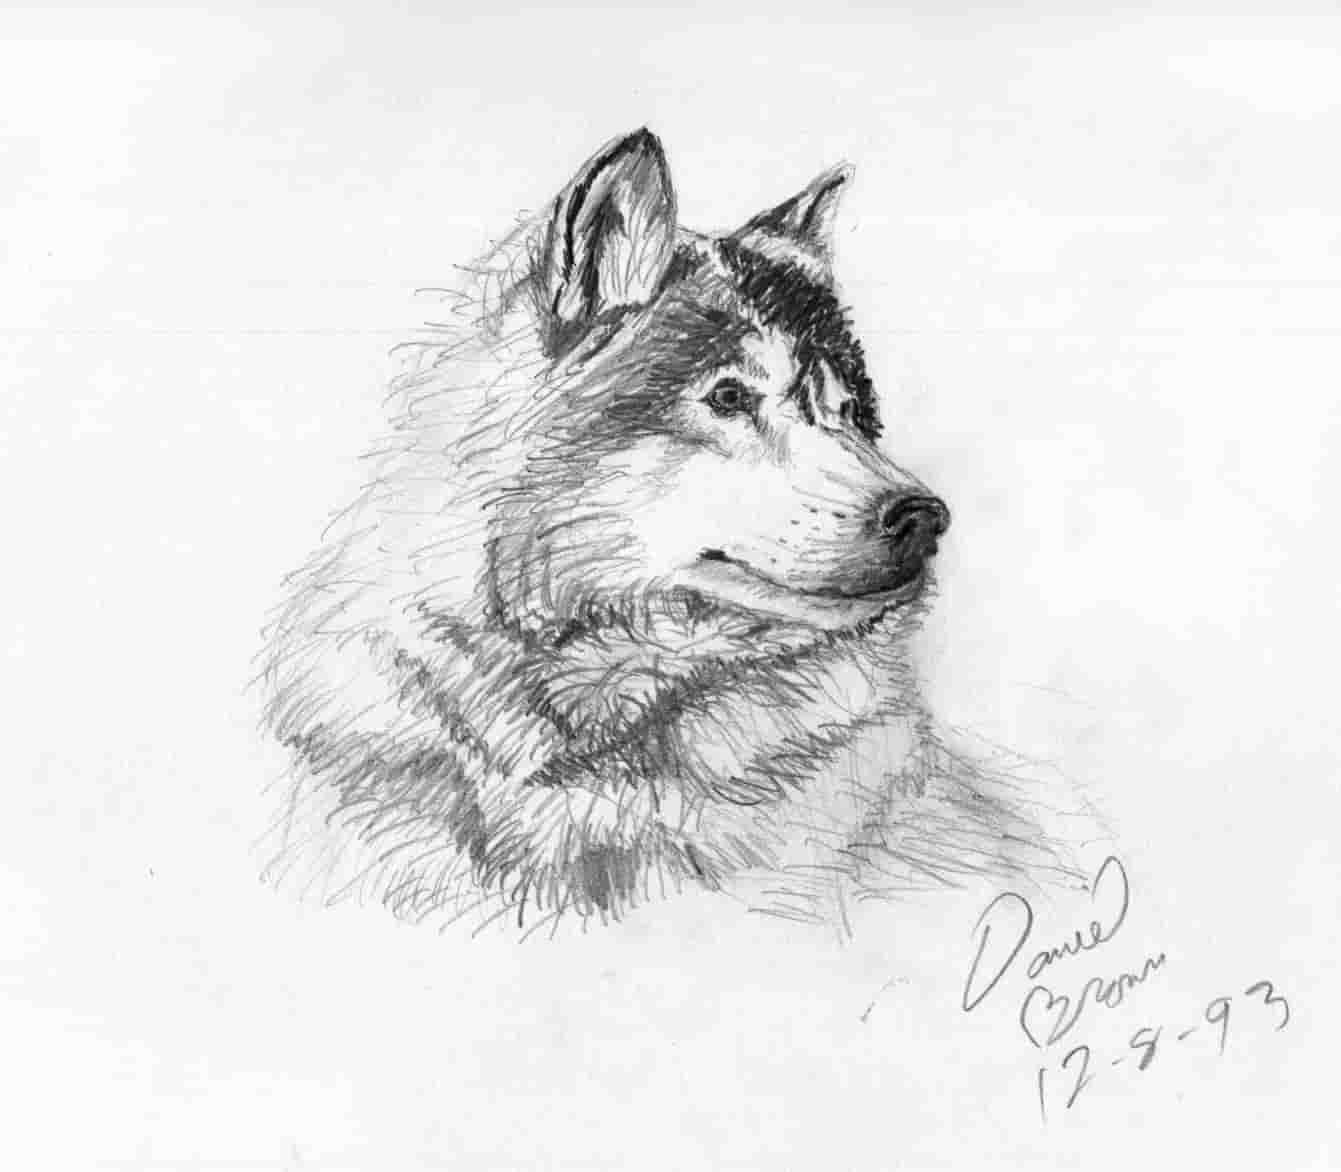 площадка рисунки животных карандашом для начинающих художников днем